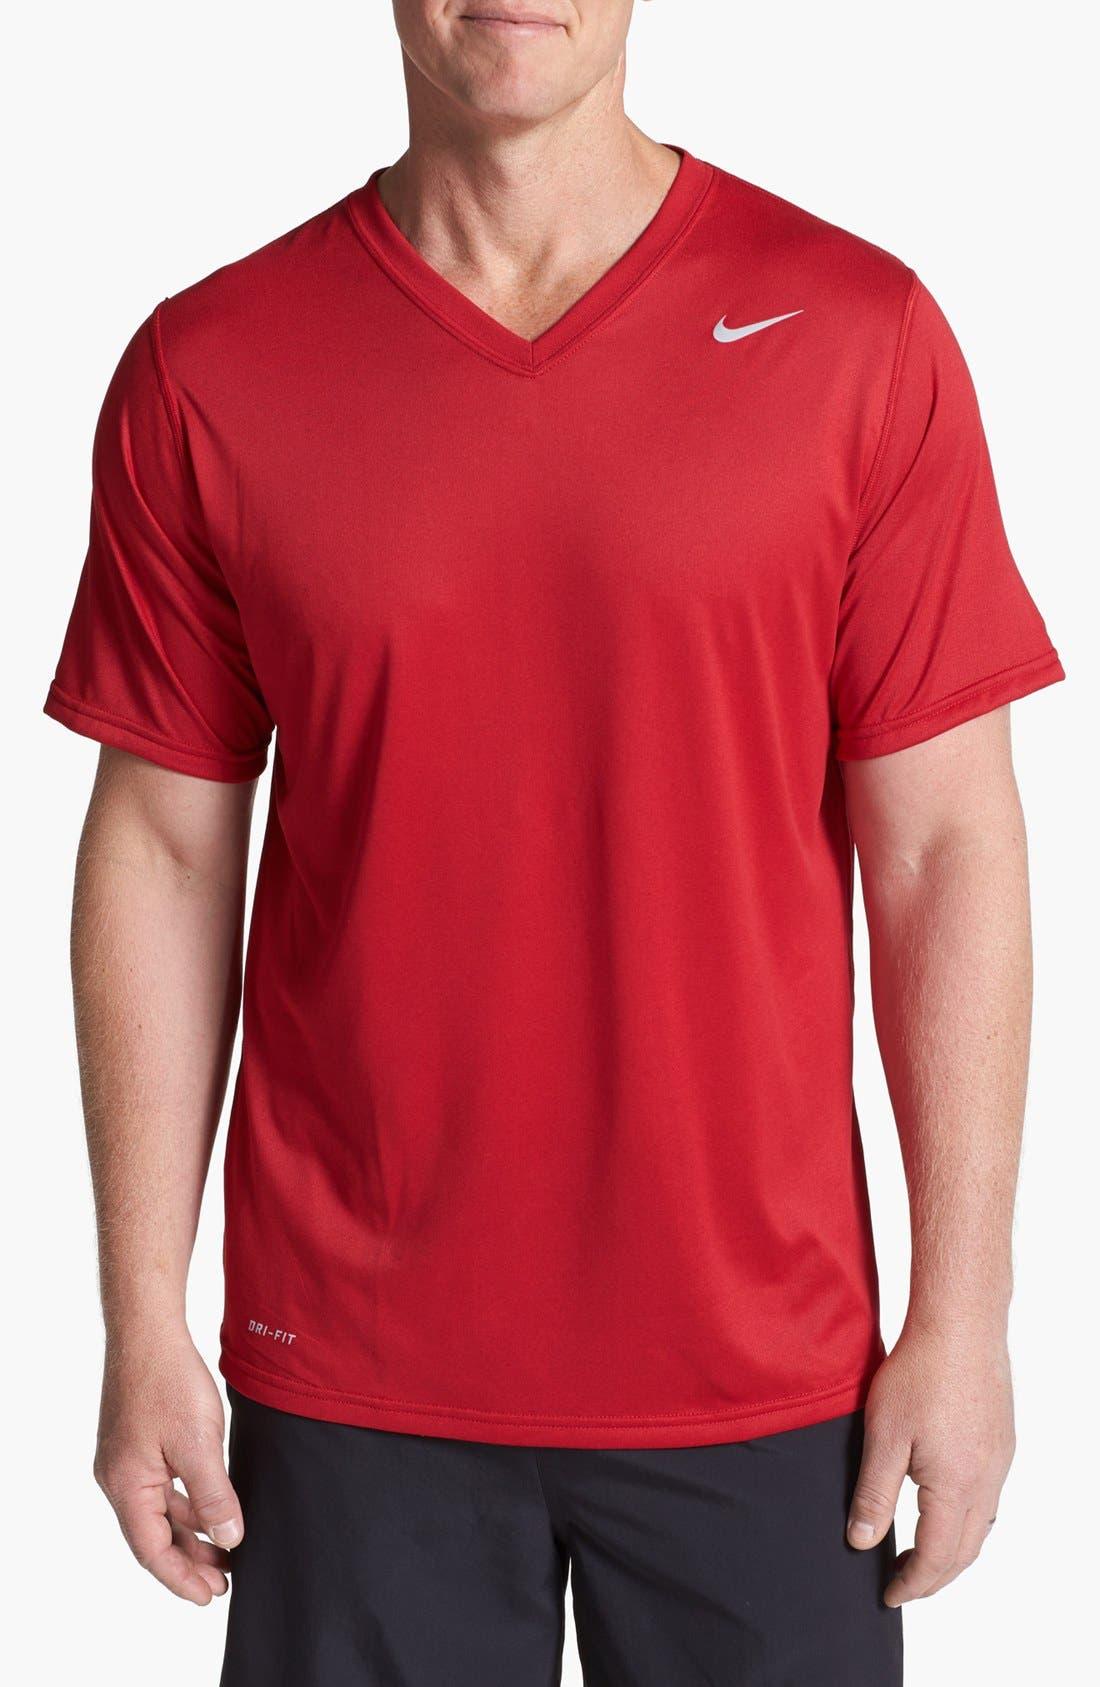 Main Image - Nike 'Legend' Dri-FIT V-Neck T-Shirt